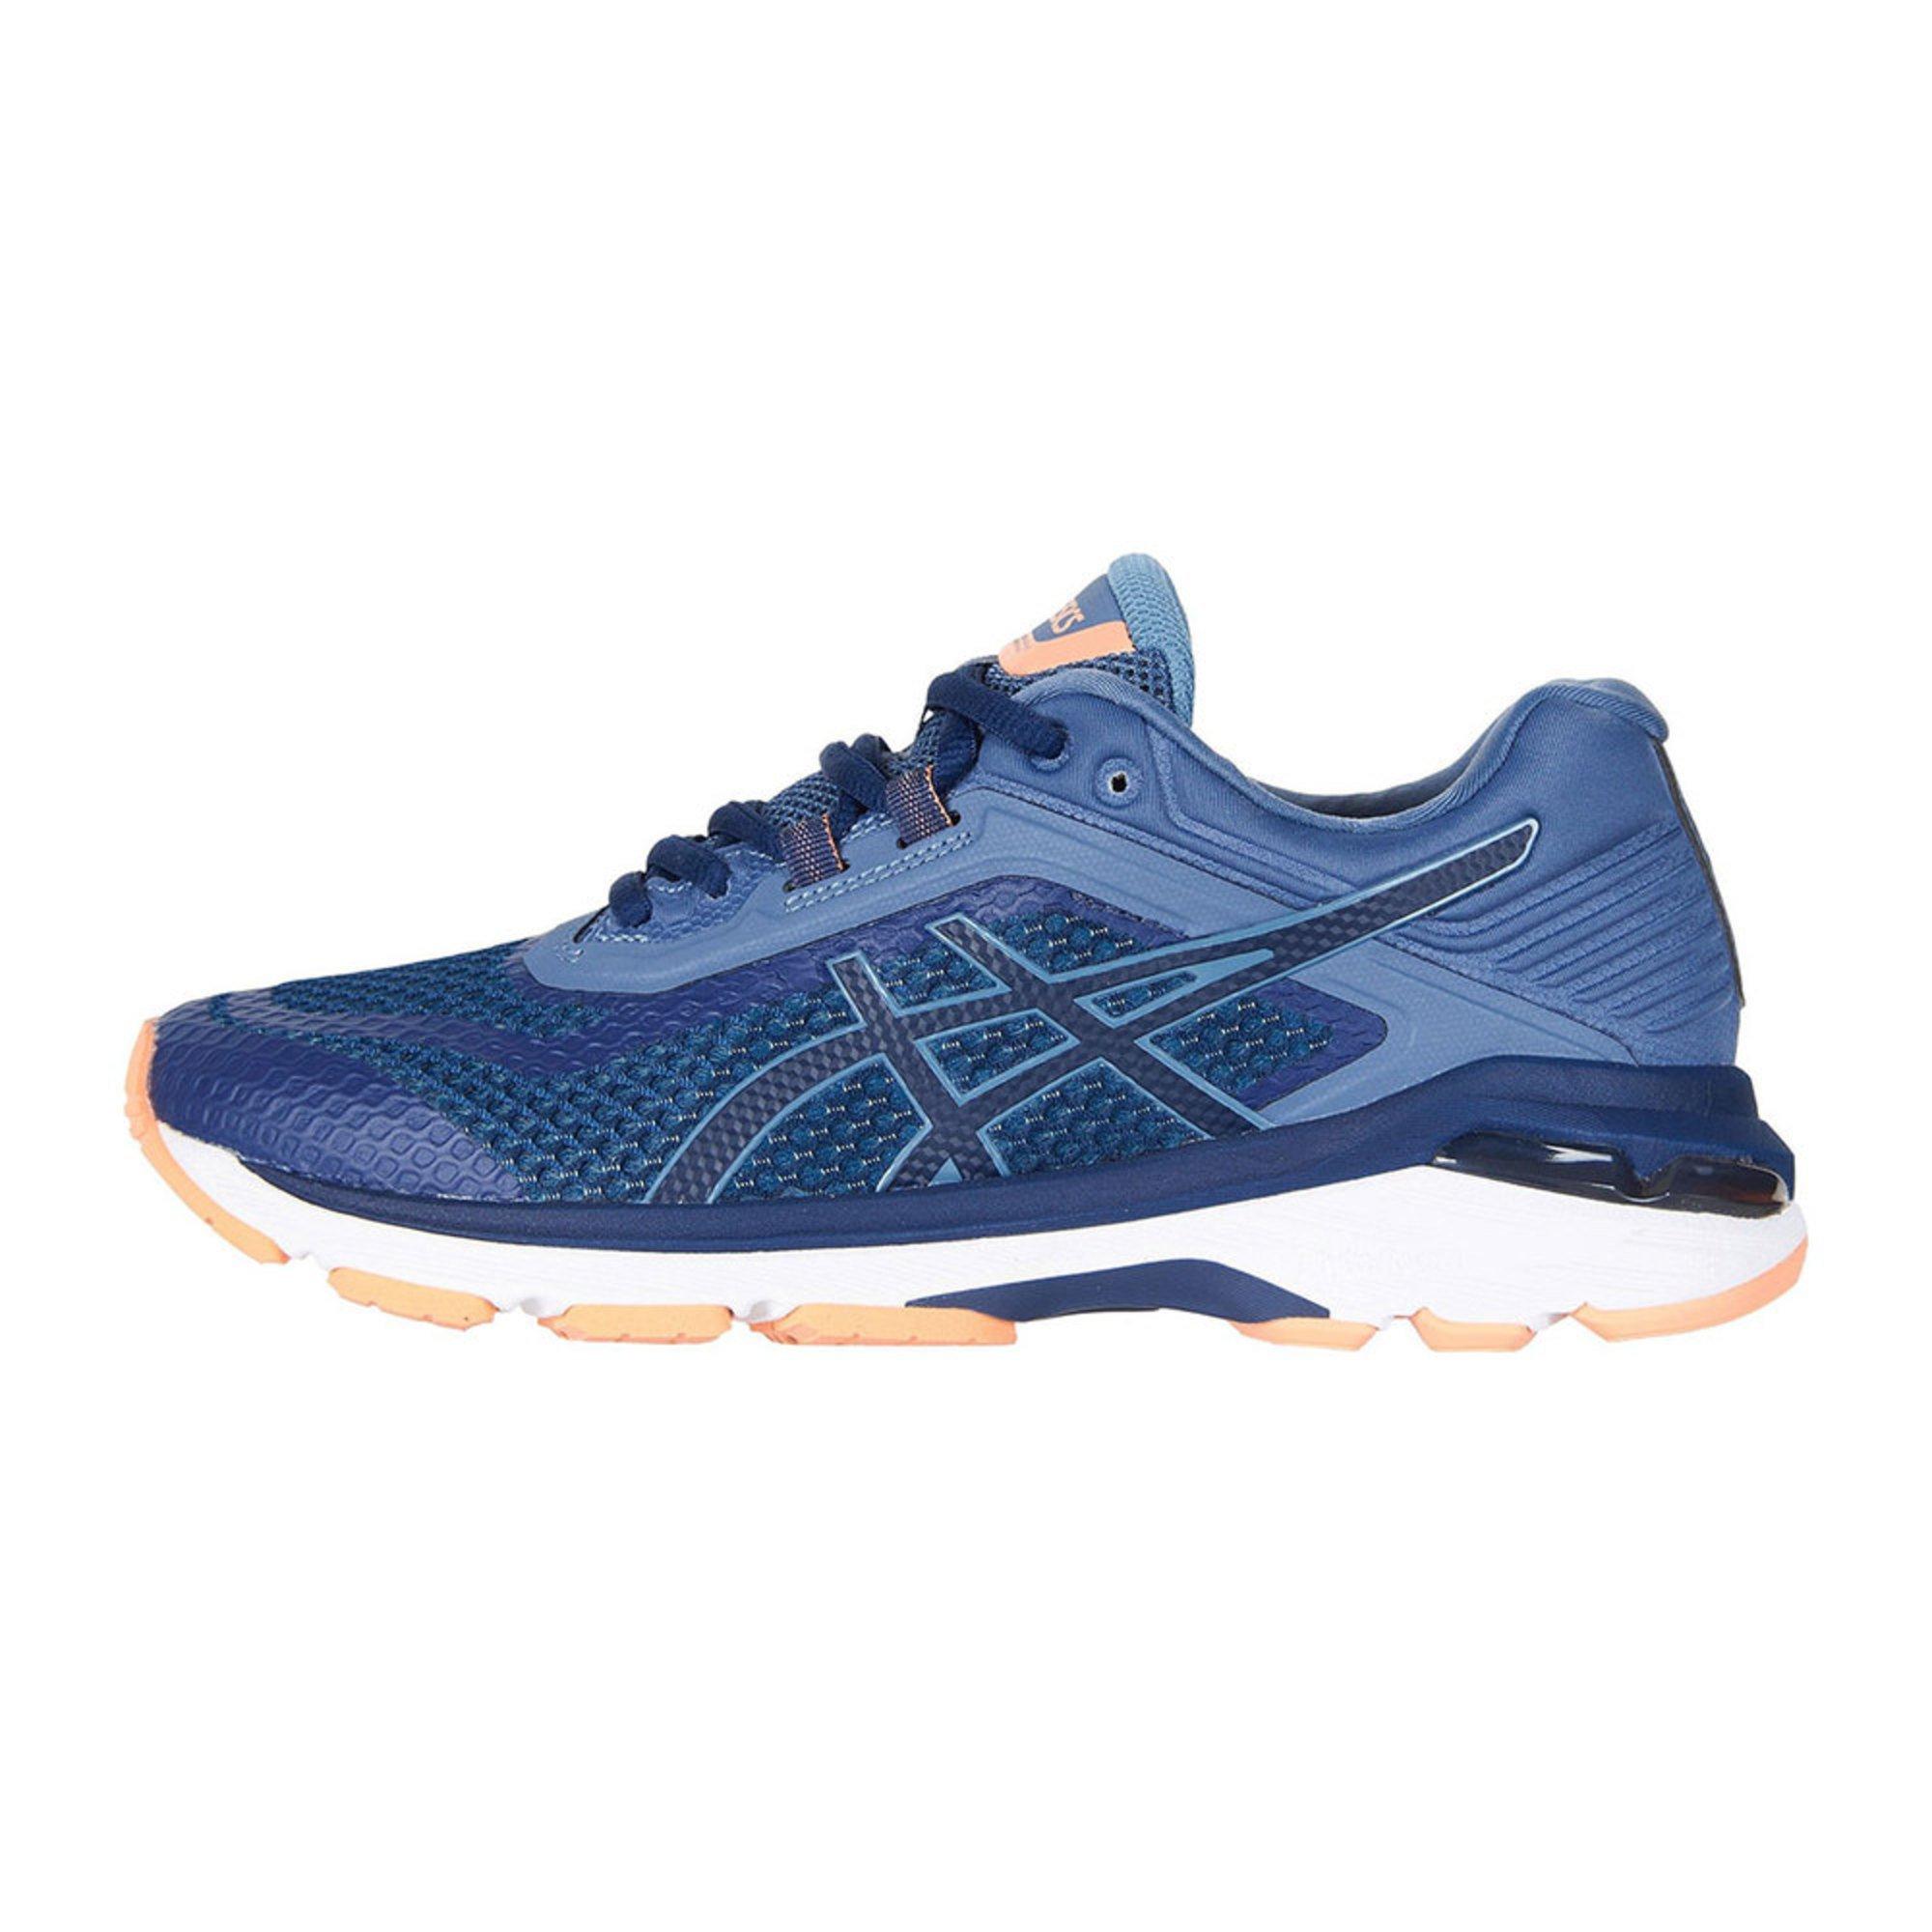 bc379ffff3a7 Asics. Asics Women s GT 2000 6 Running Shoe